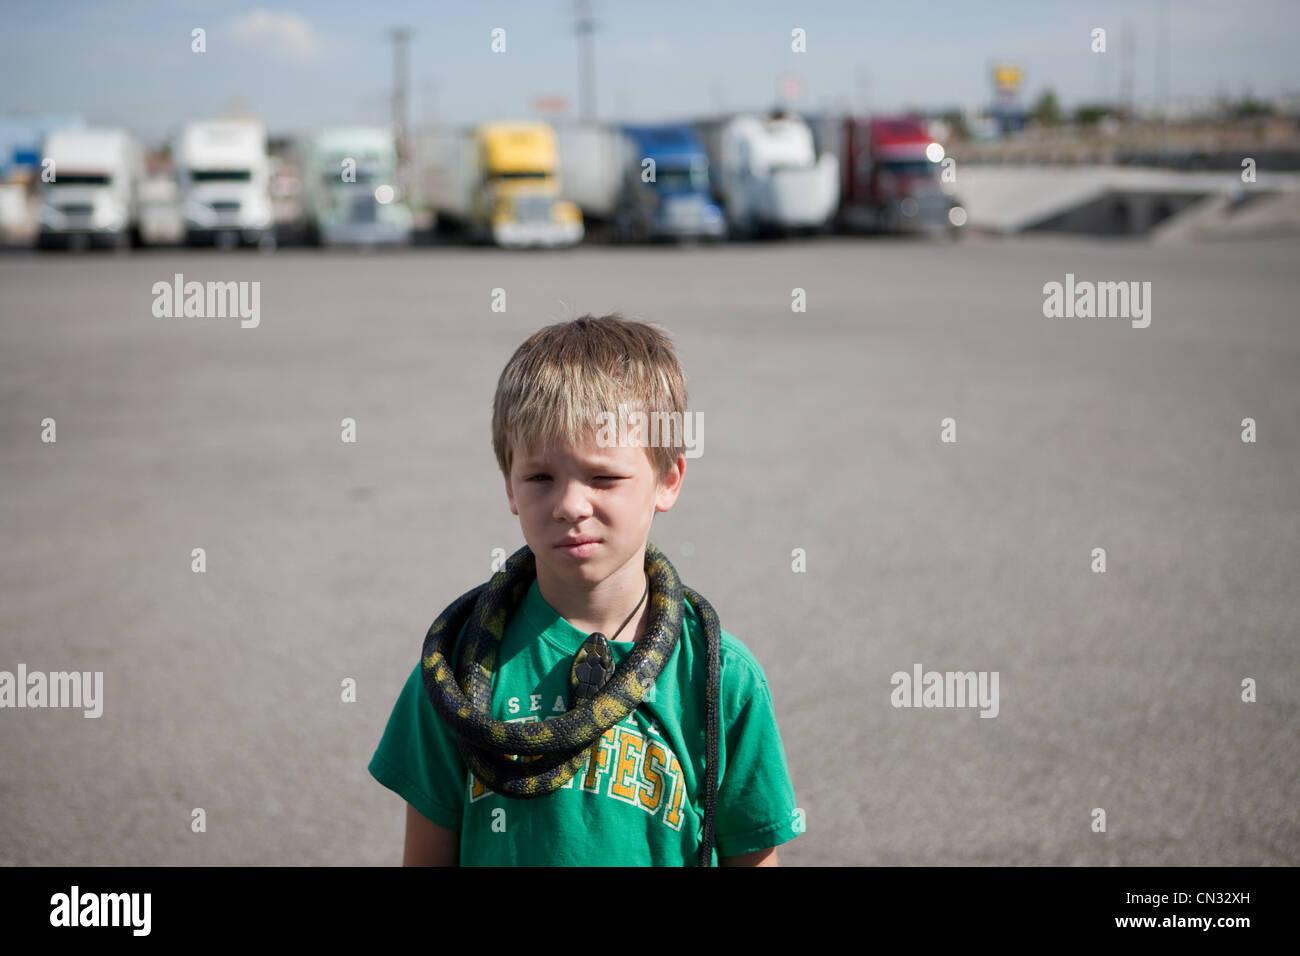 Garçon avec serpent autour du cou Photo Stock